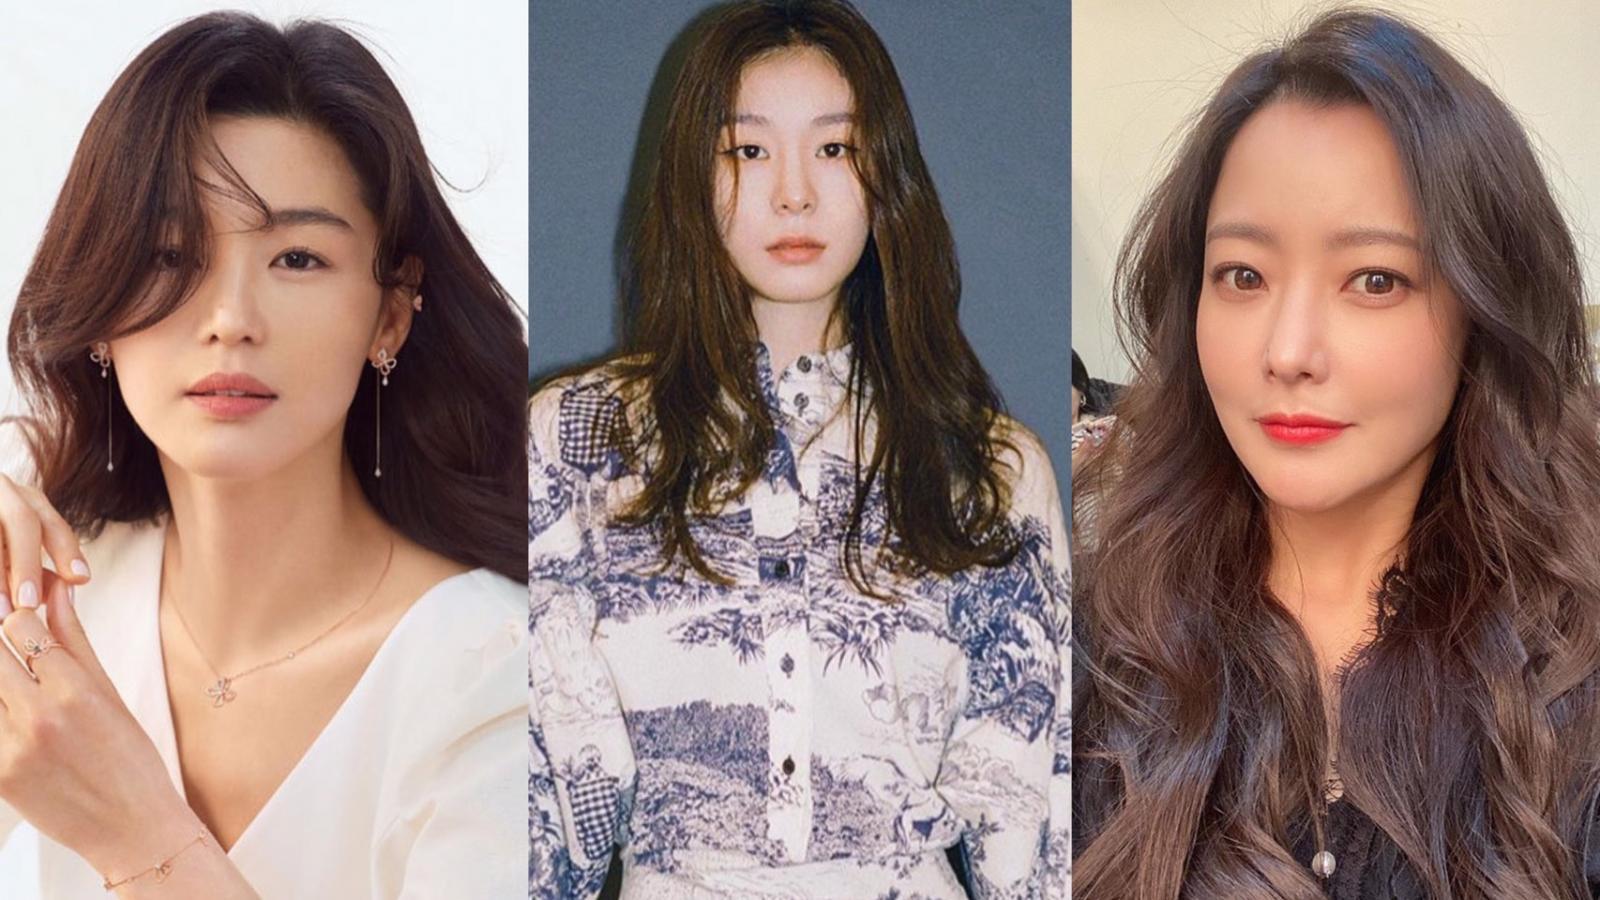 韩国三级讲途两个男人一起去叫小姐南韓娛樂圈競爭激烈美女如雲雪白水嫩的肌膚精緻的五官和窈窕好身材都只是最基本的各種不同風格的美女到底誰才是南韓人心目中真正的美人呢由KBS文化研究所製作韓國最美女星排行榜出爐前三名都是國民女神第一名更是讓人心服口服讓我們一探究竟韓國十大最美女星有誰吧.(图16)